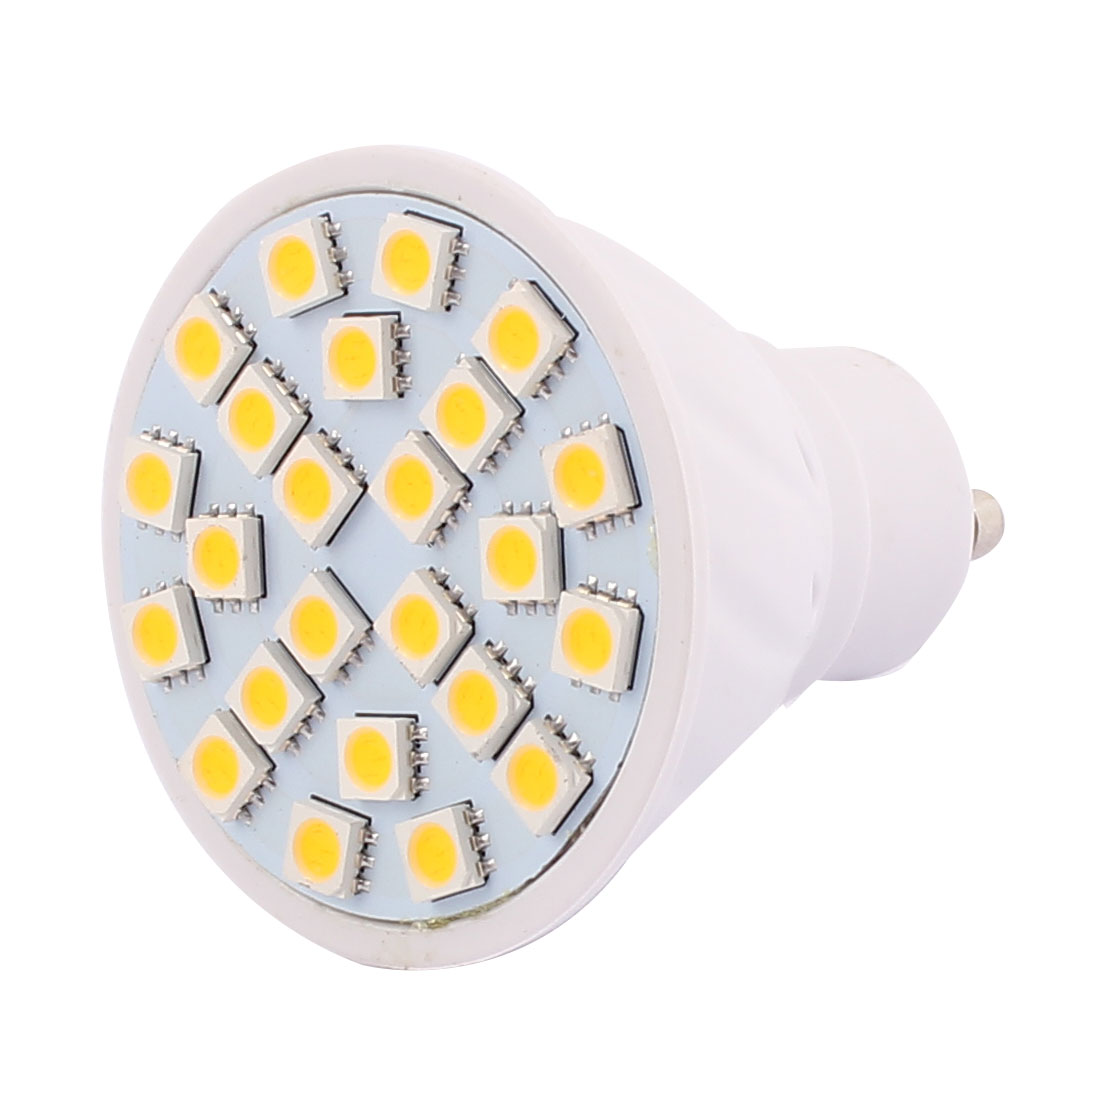 GU10 SMD 5050 24 LEDs AC 110V 3W Plastic Energy Saving LED Lamp Bulb Warm White